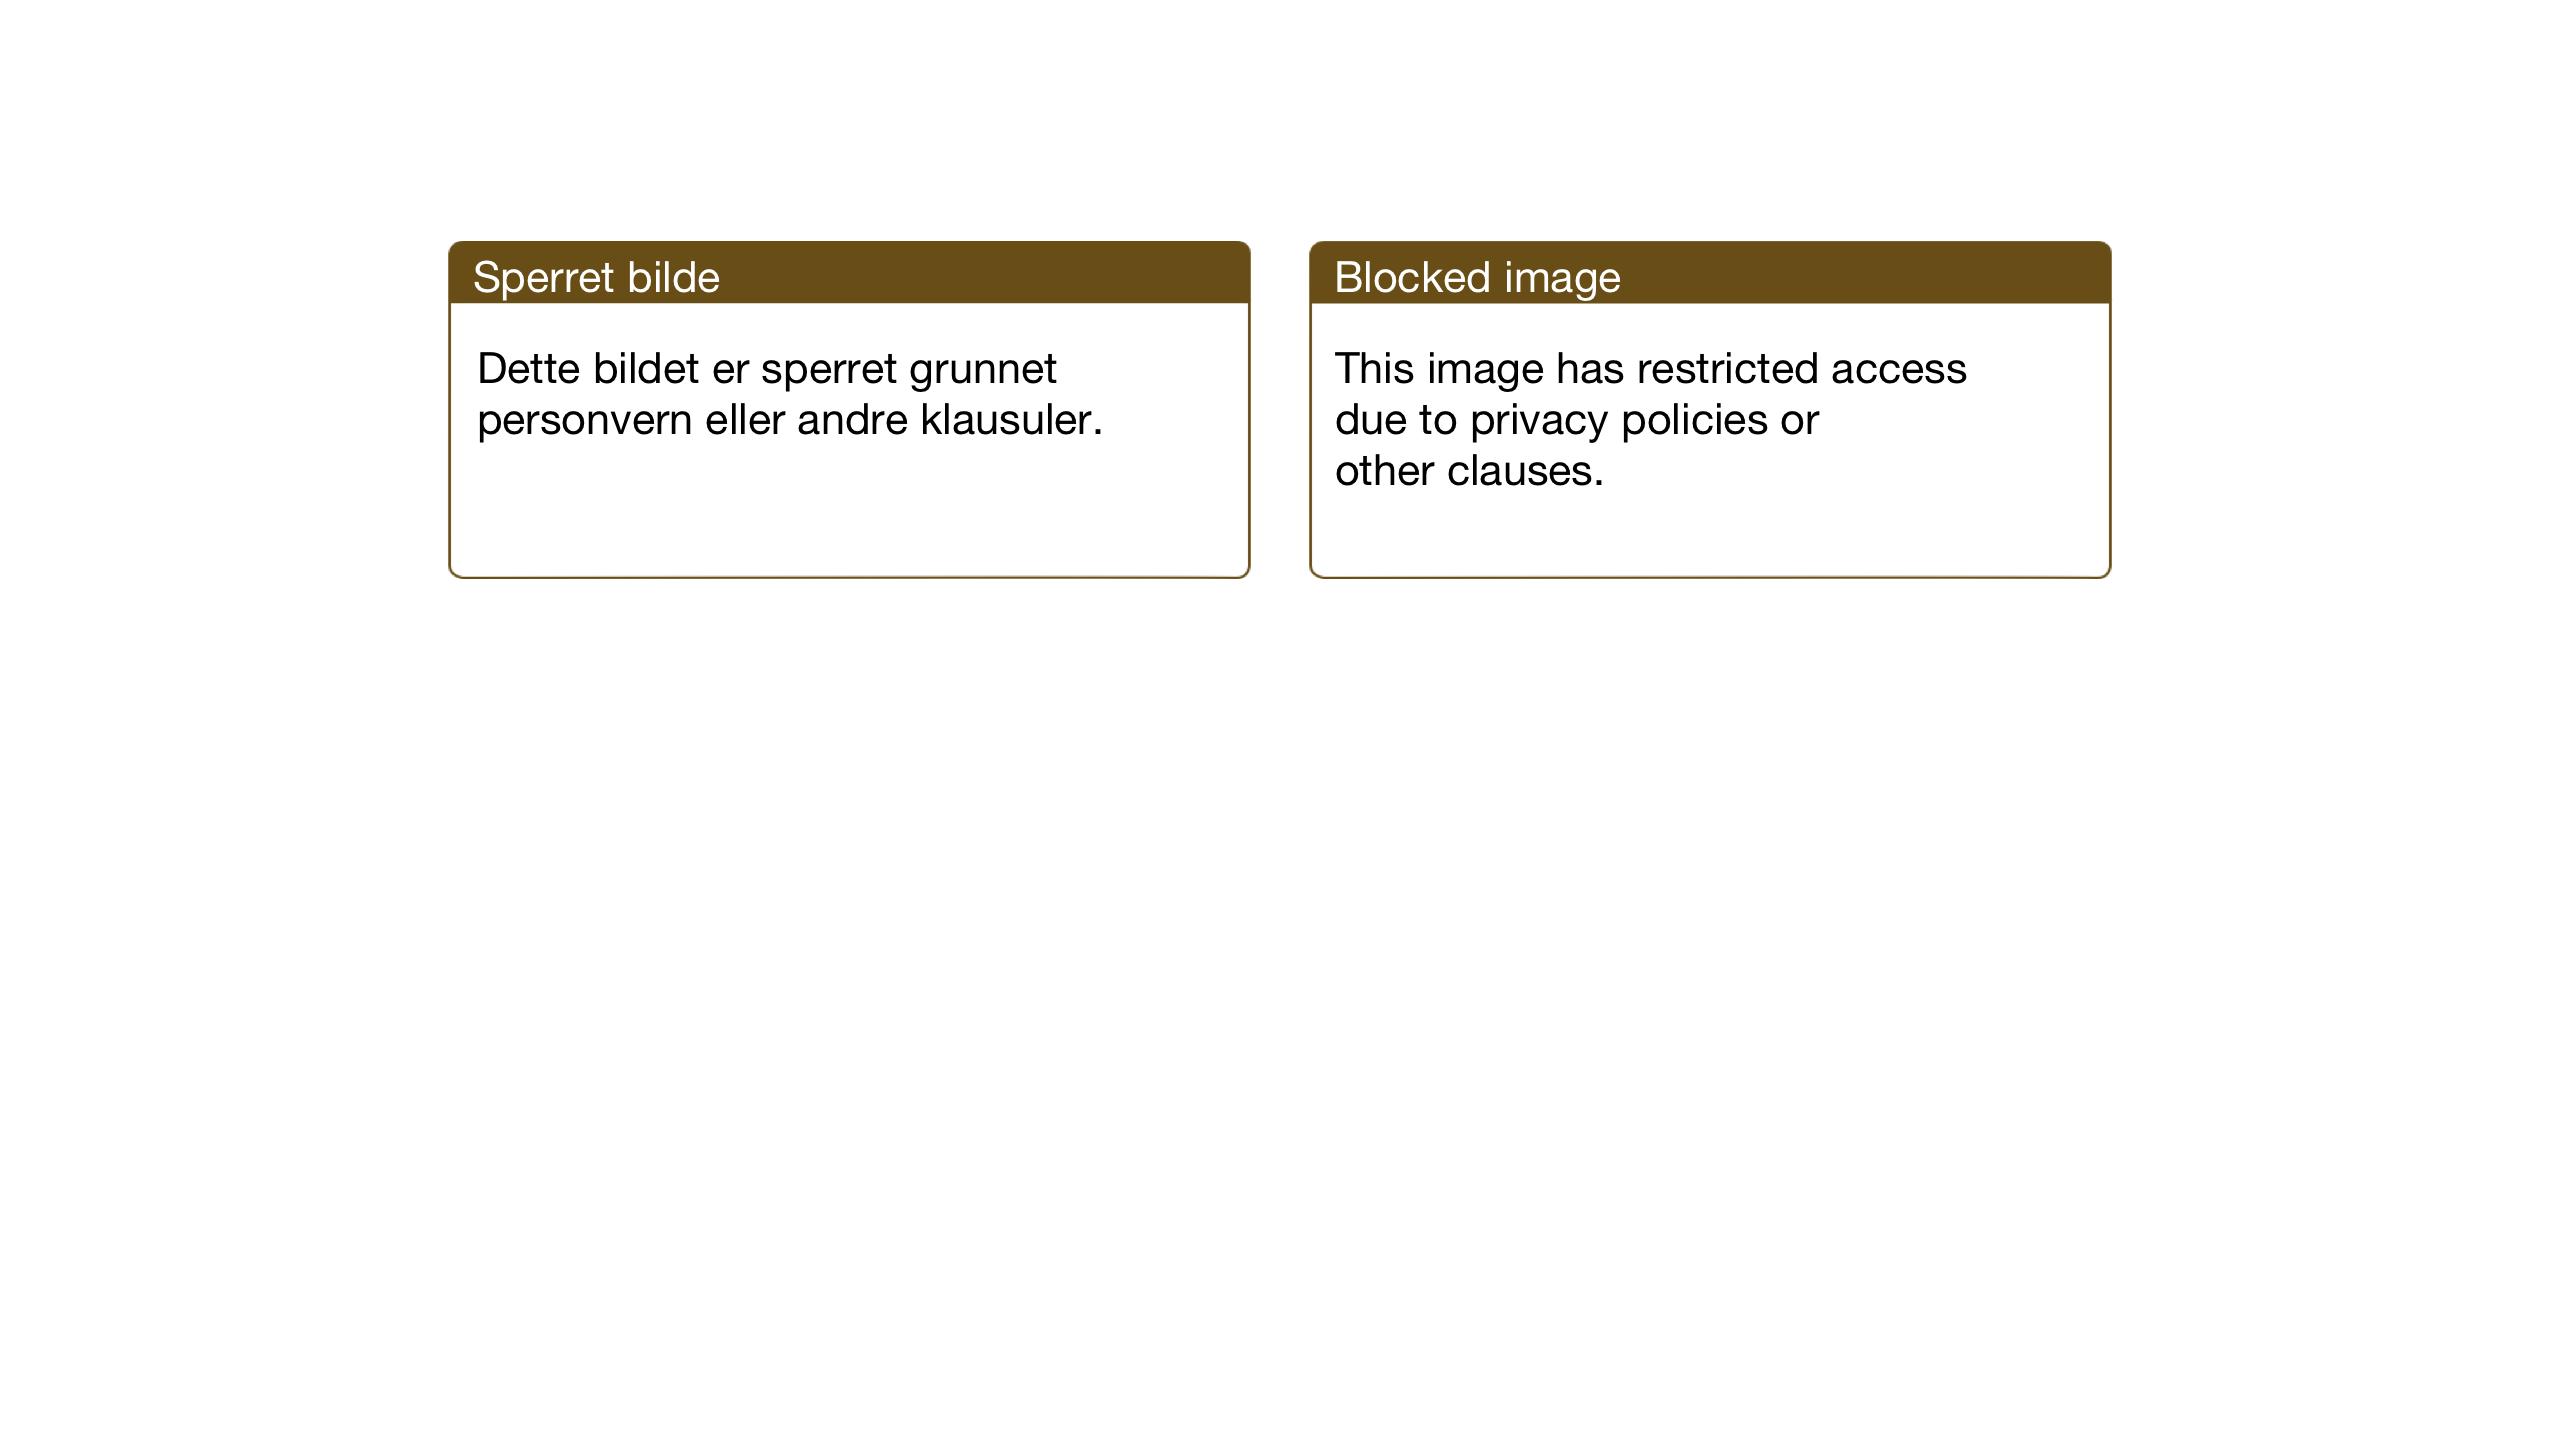 SAT, Ministerialprotokoller, klokkerbøker og fødselsregistre - Sør-Trøndelag, 635/L0556: Klokkerbok nr. 635C04, 1943-1945, s. 5